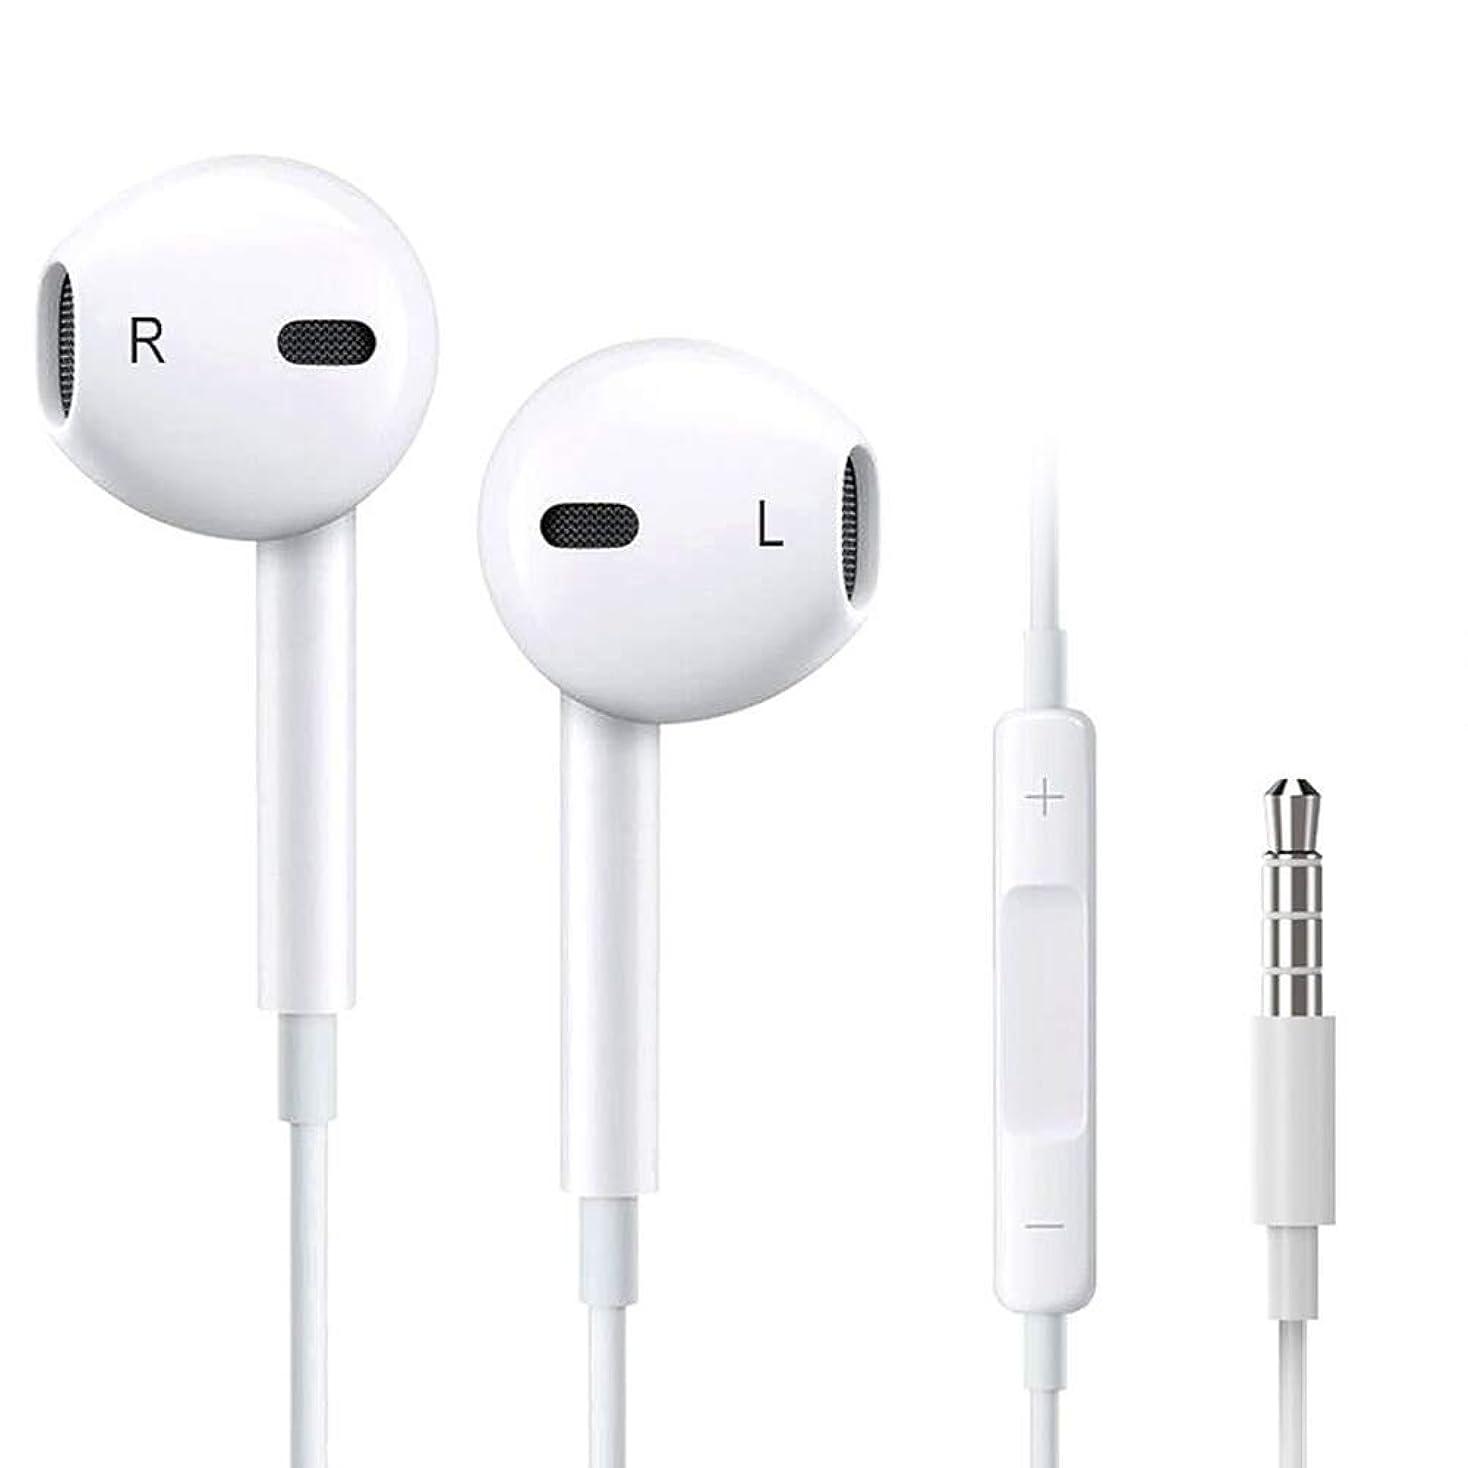 音楽定期的に踏みつけiPhone イヤホン イヤフォン 3.5mm ジャック 有線イヤホン 高音質 通話可能 リモコン付き マイク付き iPad iPod Android 対応